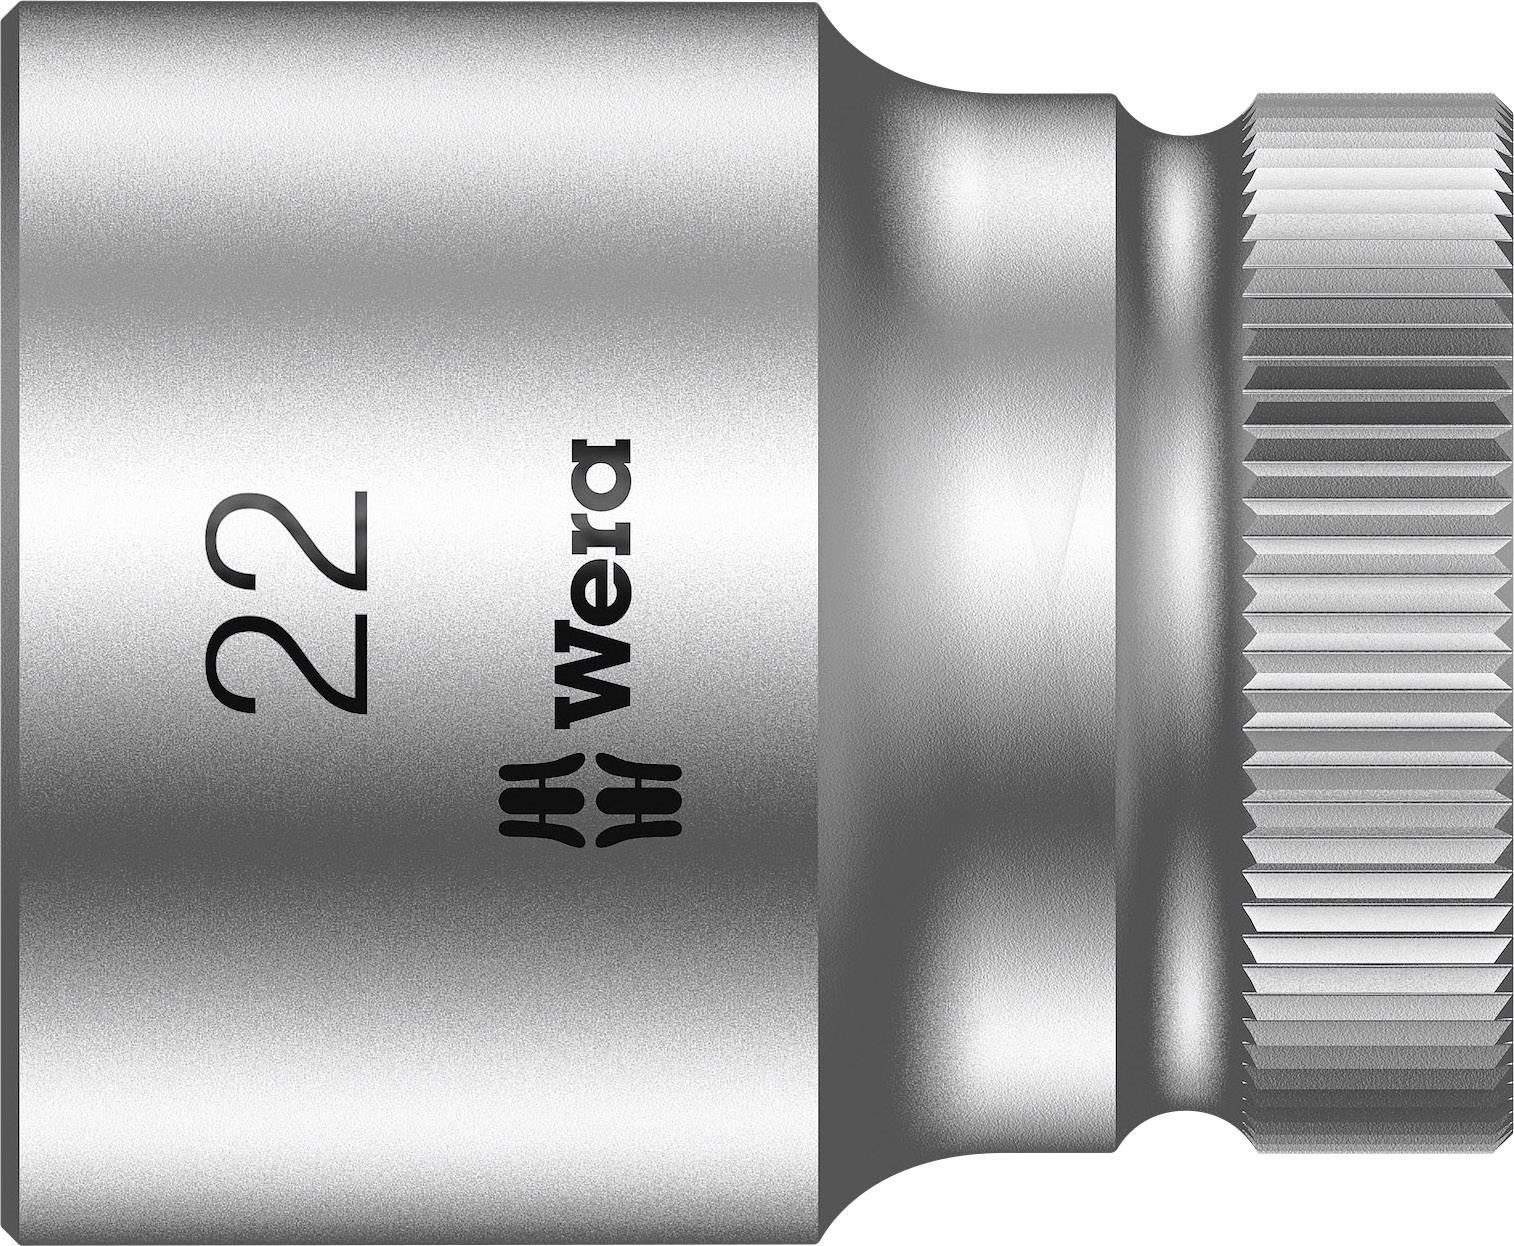 Wera Zyklop-Steckschlüsseleinsatz-Satz 8790 HMC HF 1 Steckschlüssel-Einsatz